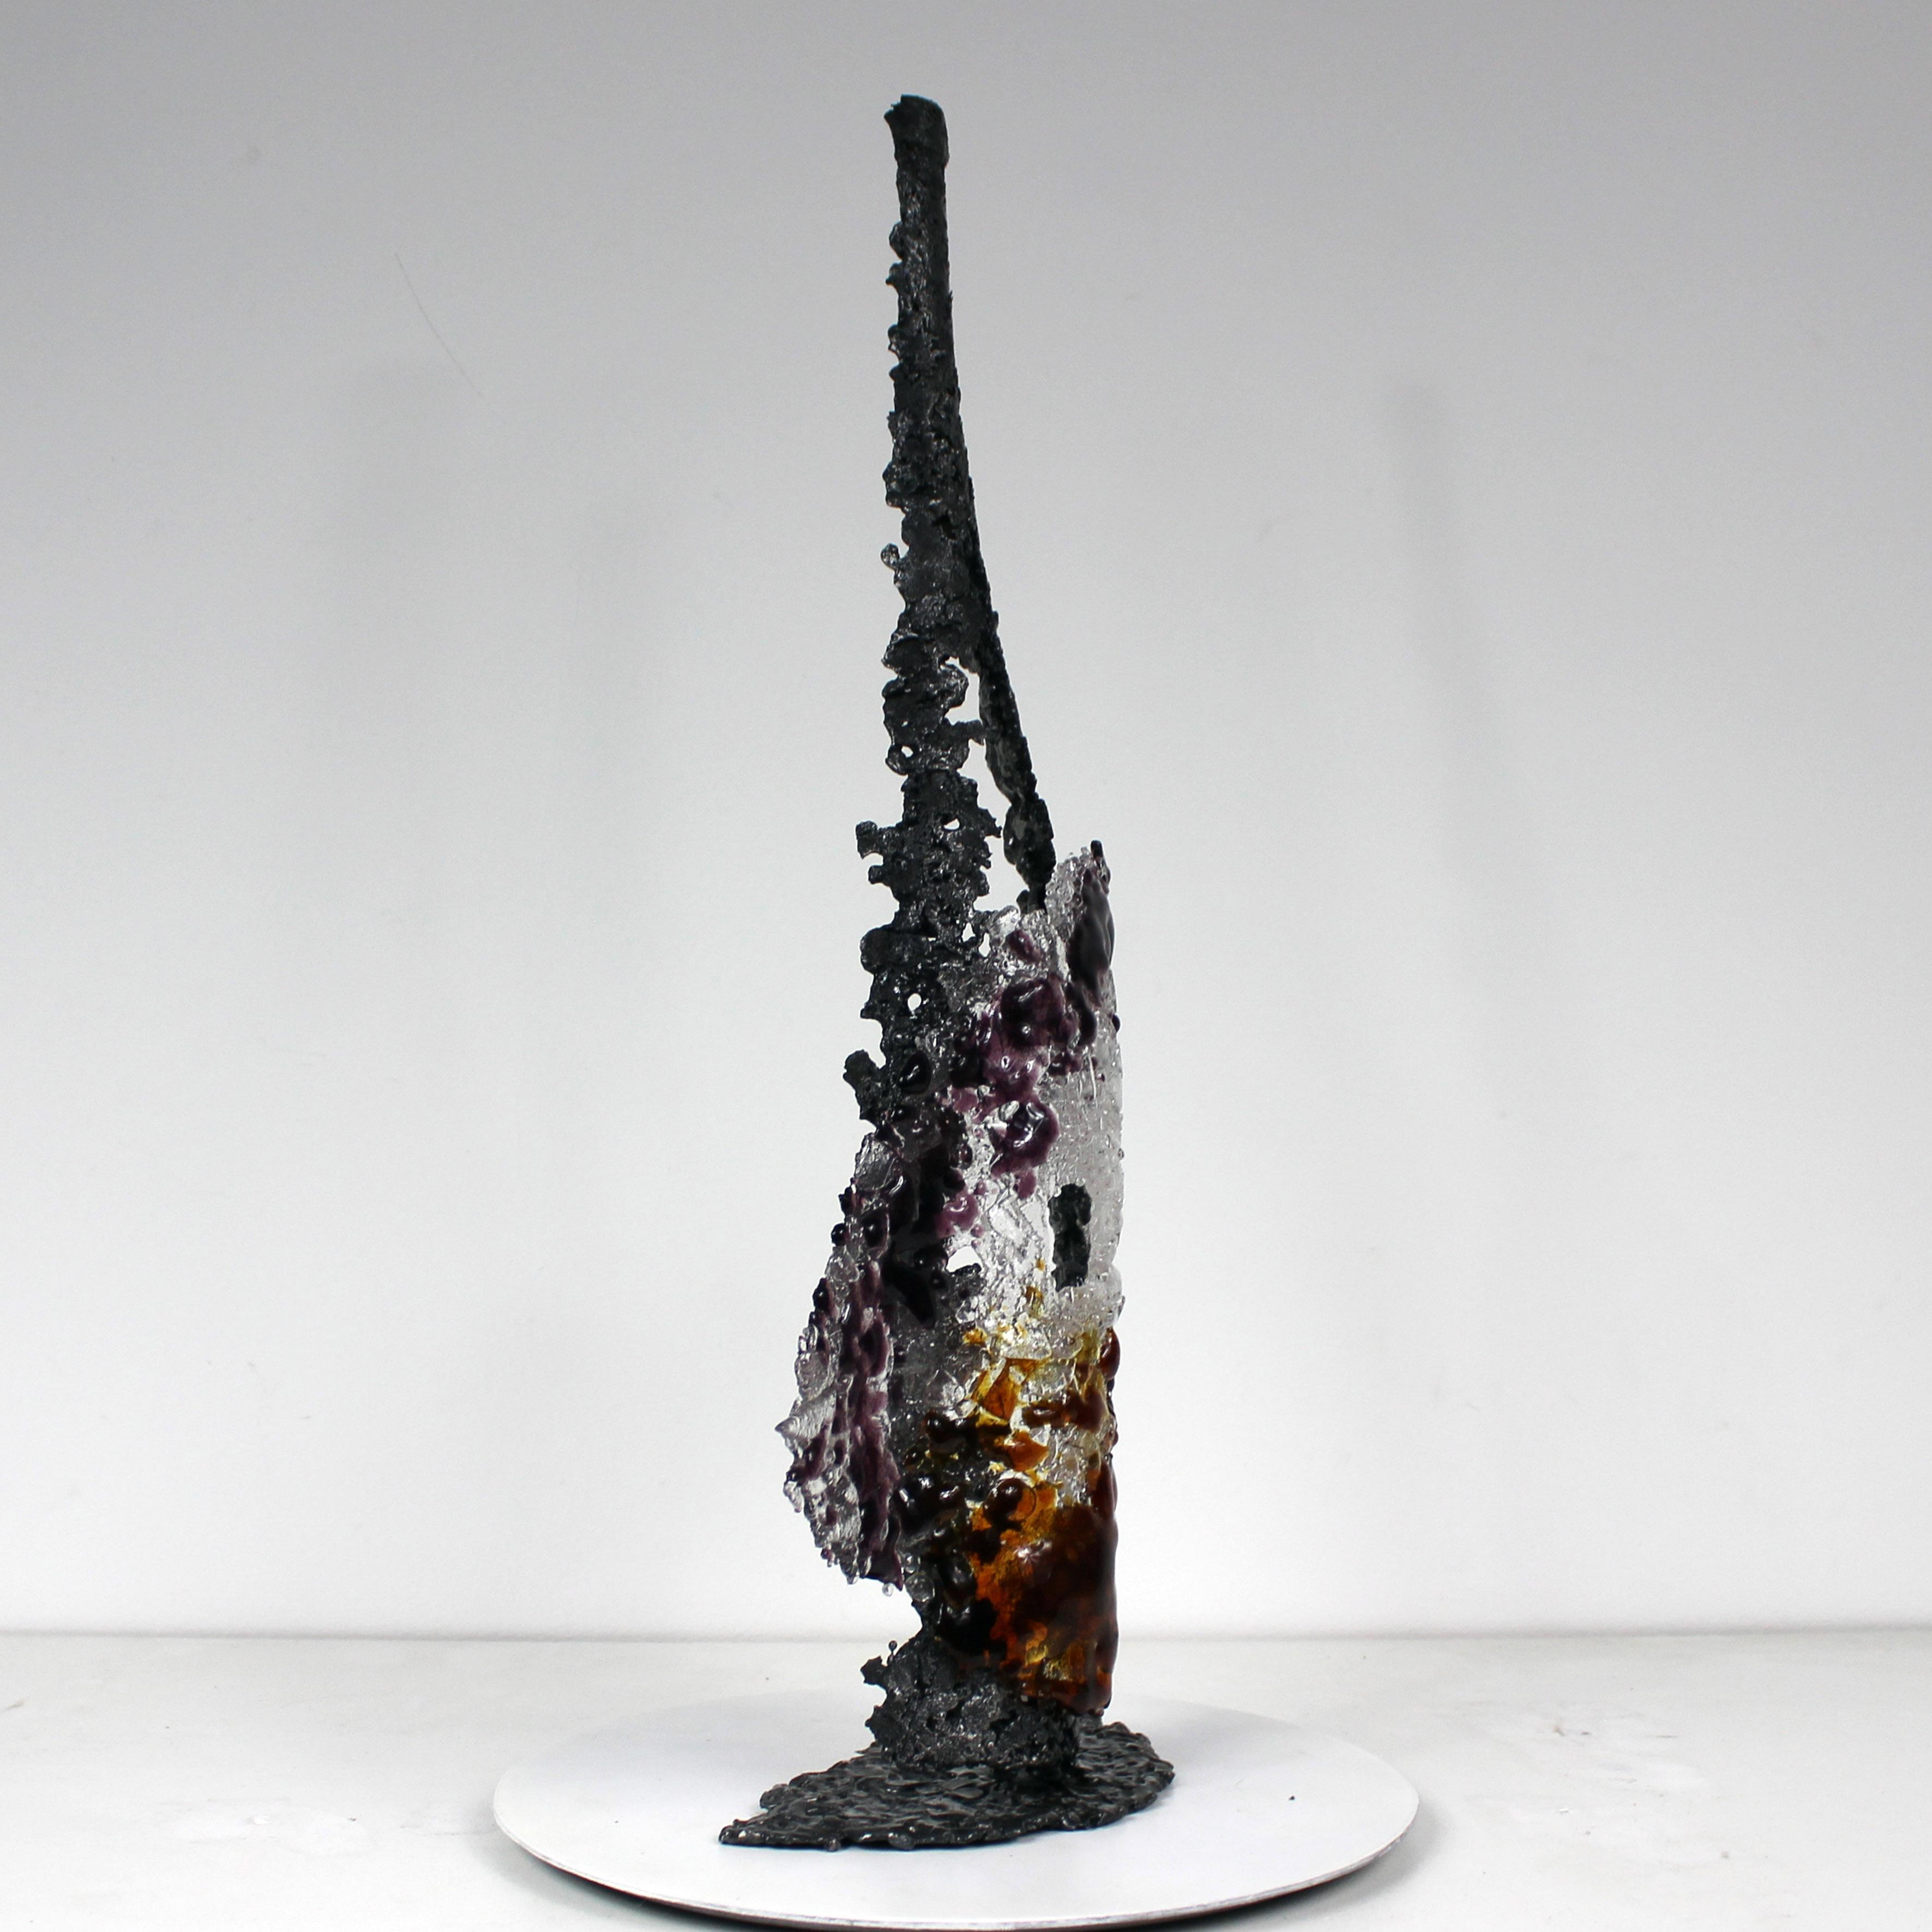 BOUTEILLE POIRE AUTOMNE - Sculpture bouteille métal et verre